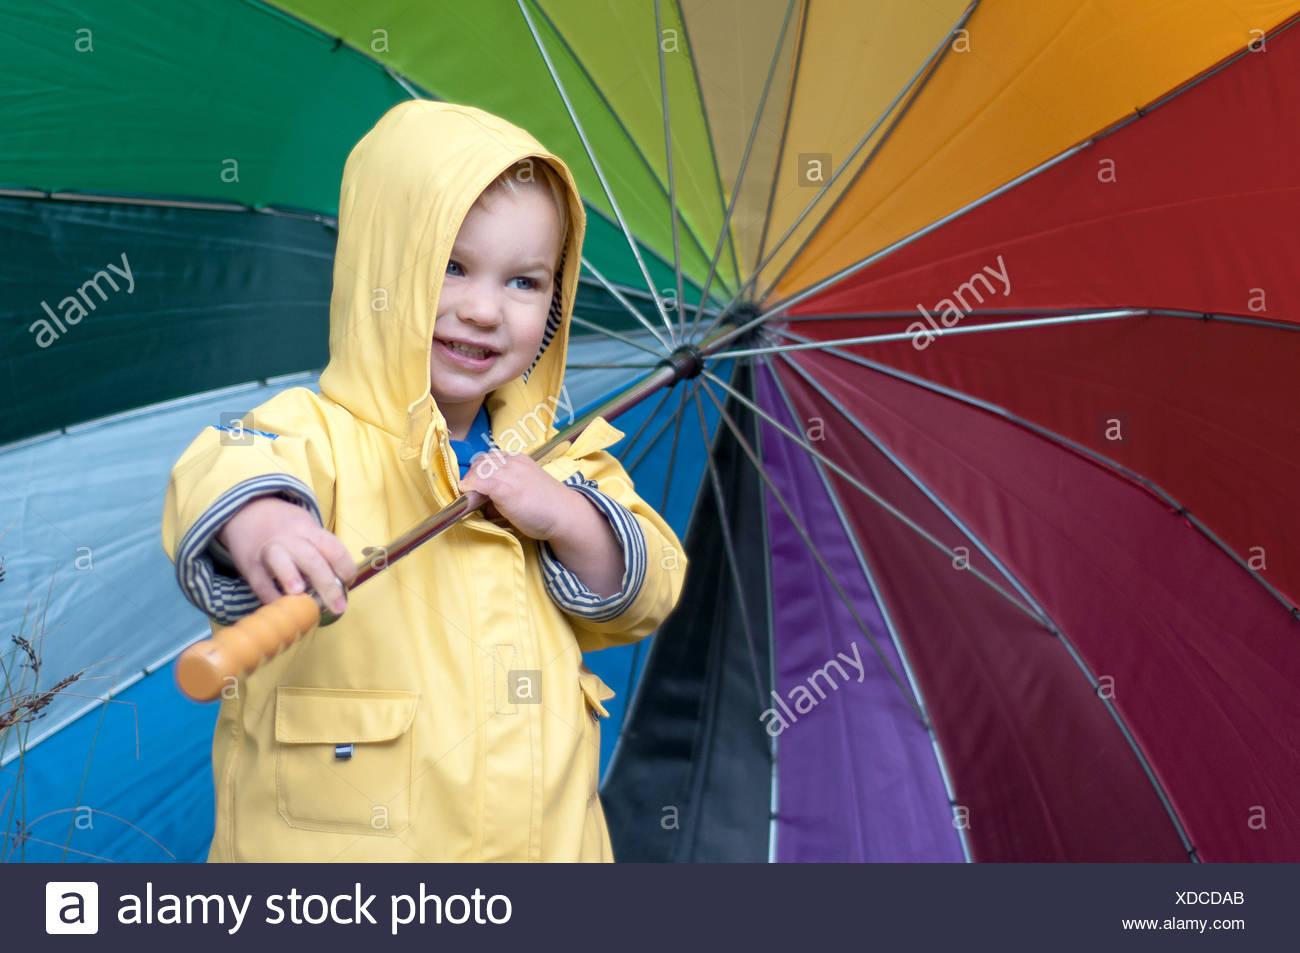 Boy in a rain coat holding multi-colored umbrella - Stock Image